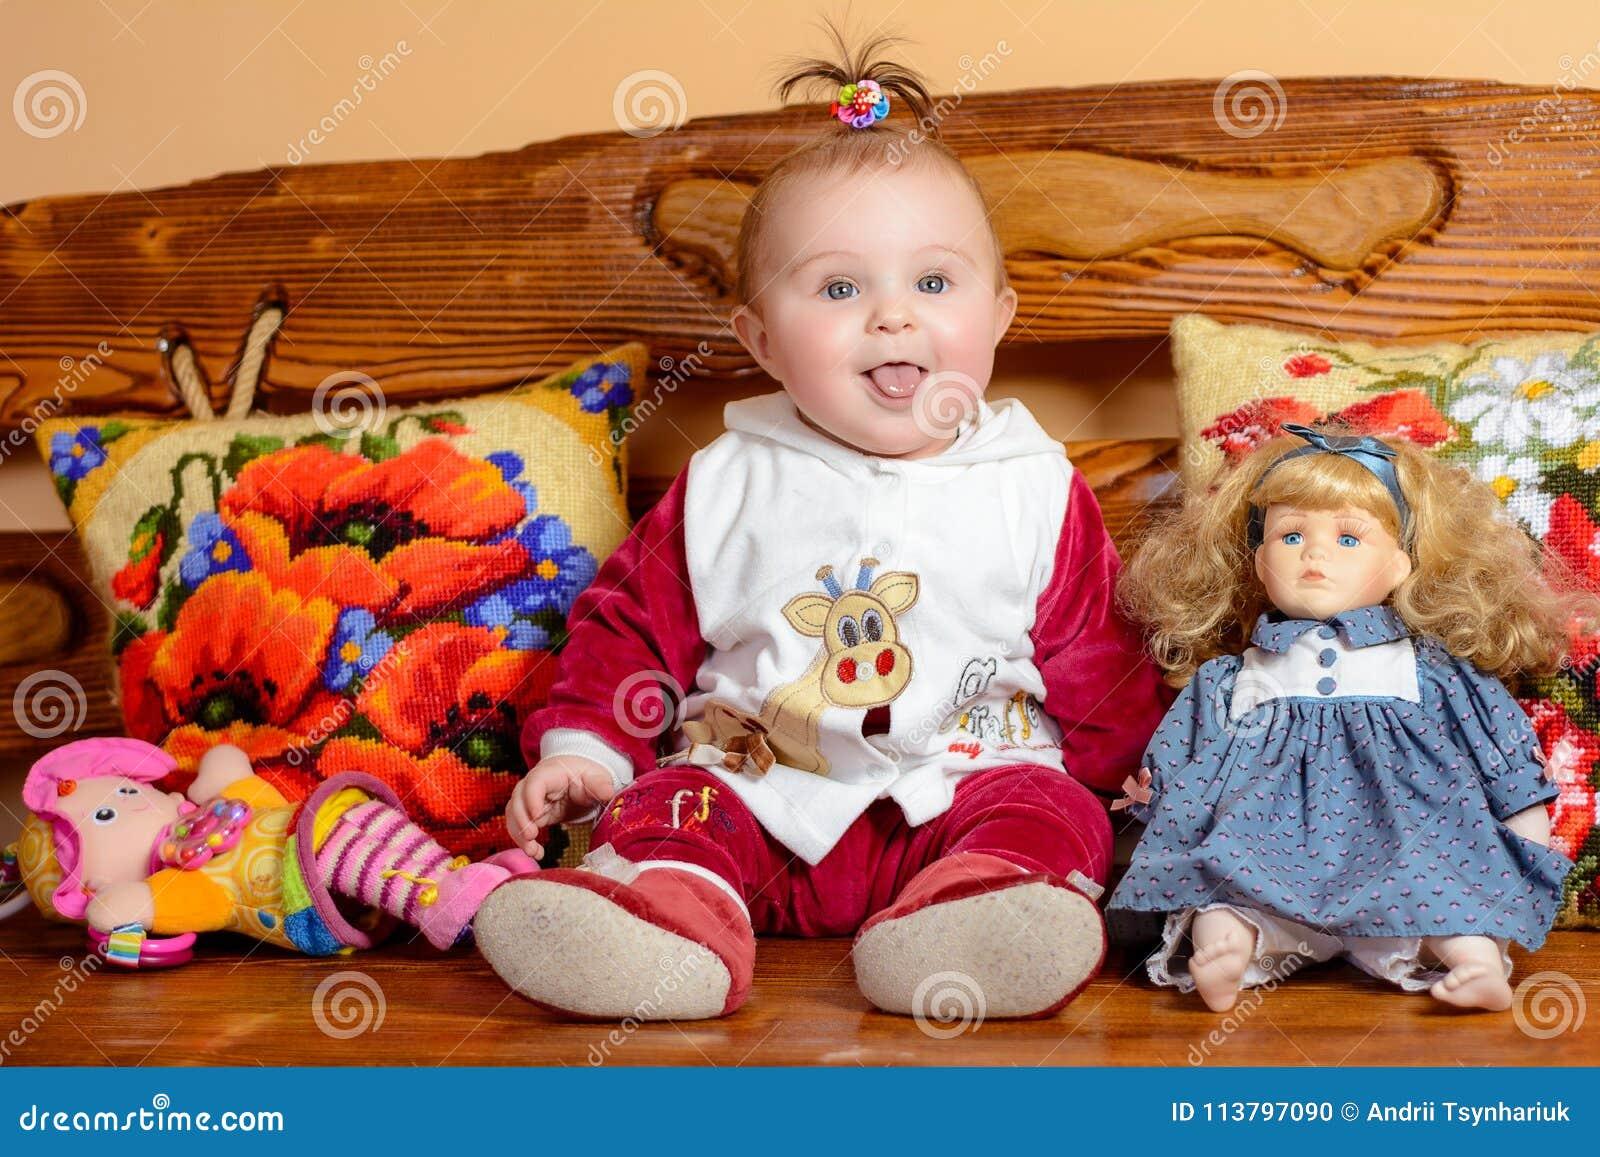 Mały dziecko z ogonem siedzi na kanapie z upiększonymi poduszkami i zabawkami